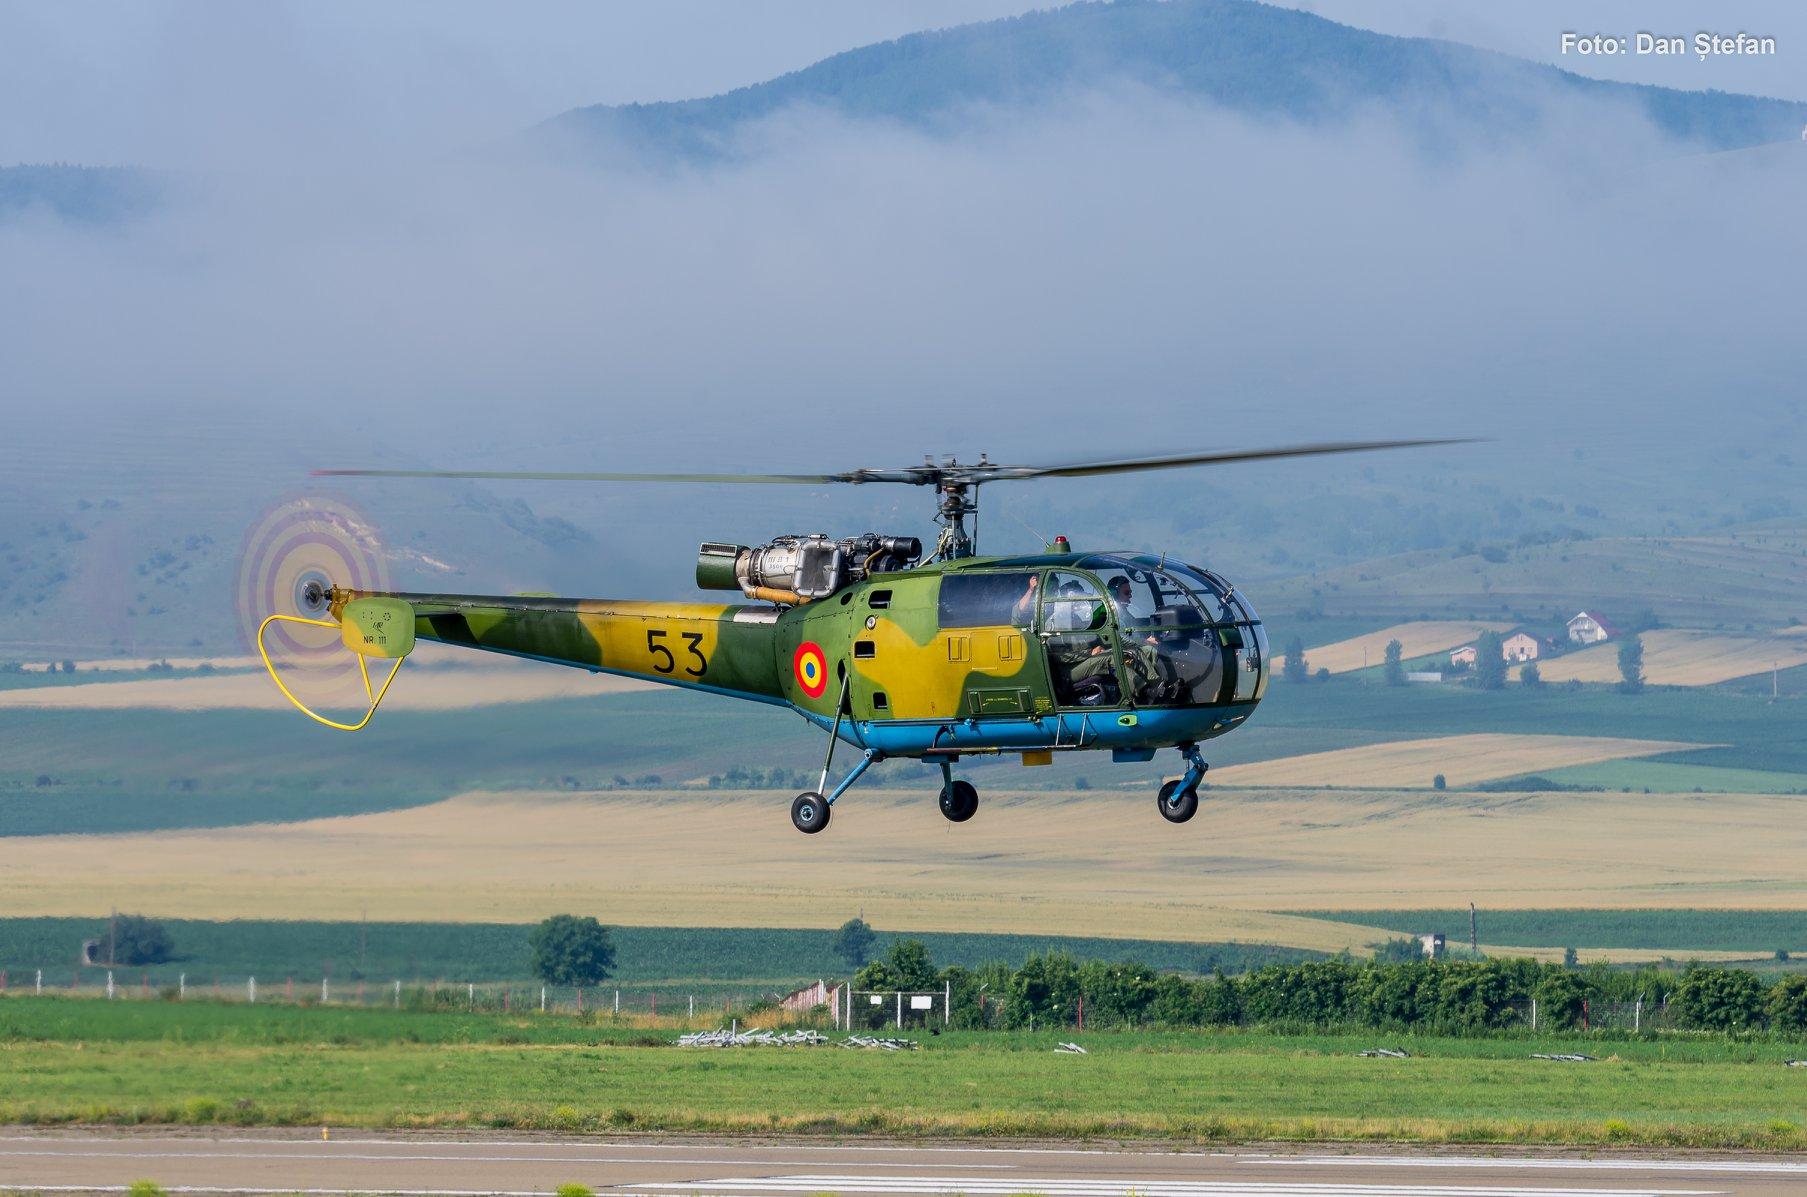 IAR 316